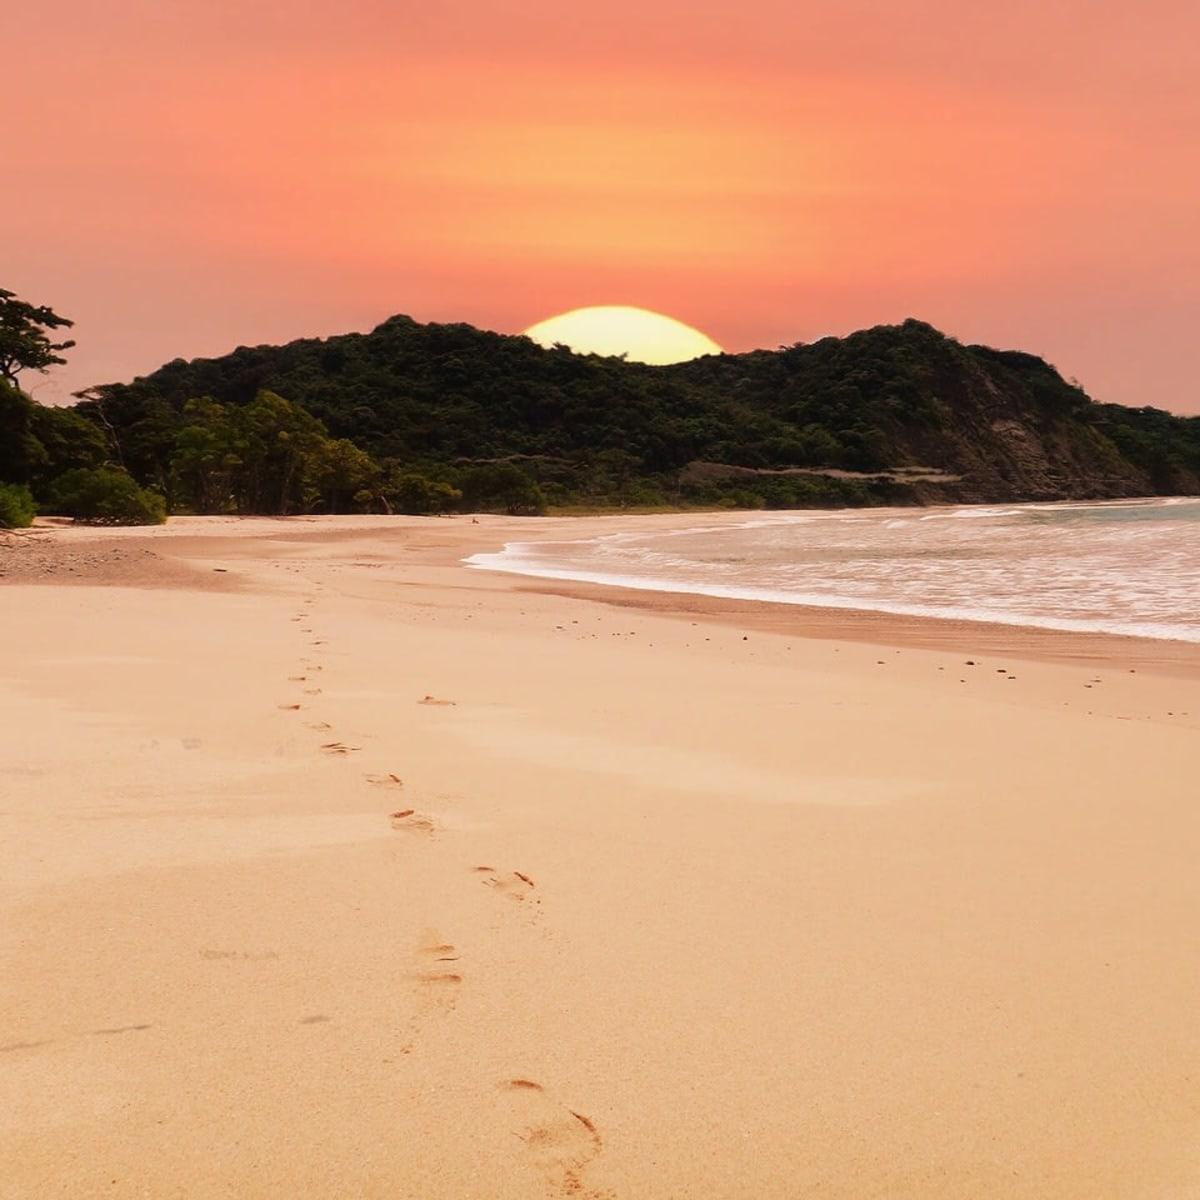 Dschungel, Trekking und Traumstrände. Entdecke Costa Rica auf eigene Faust